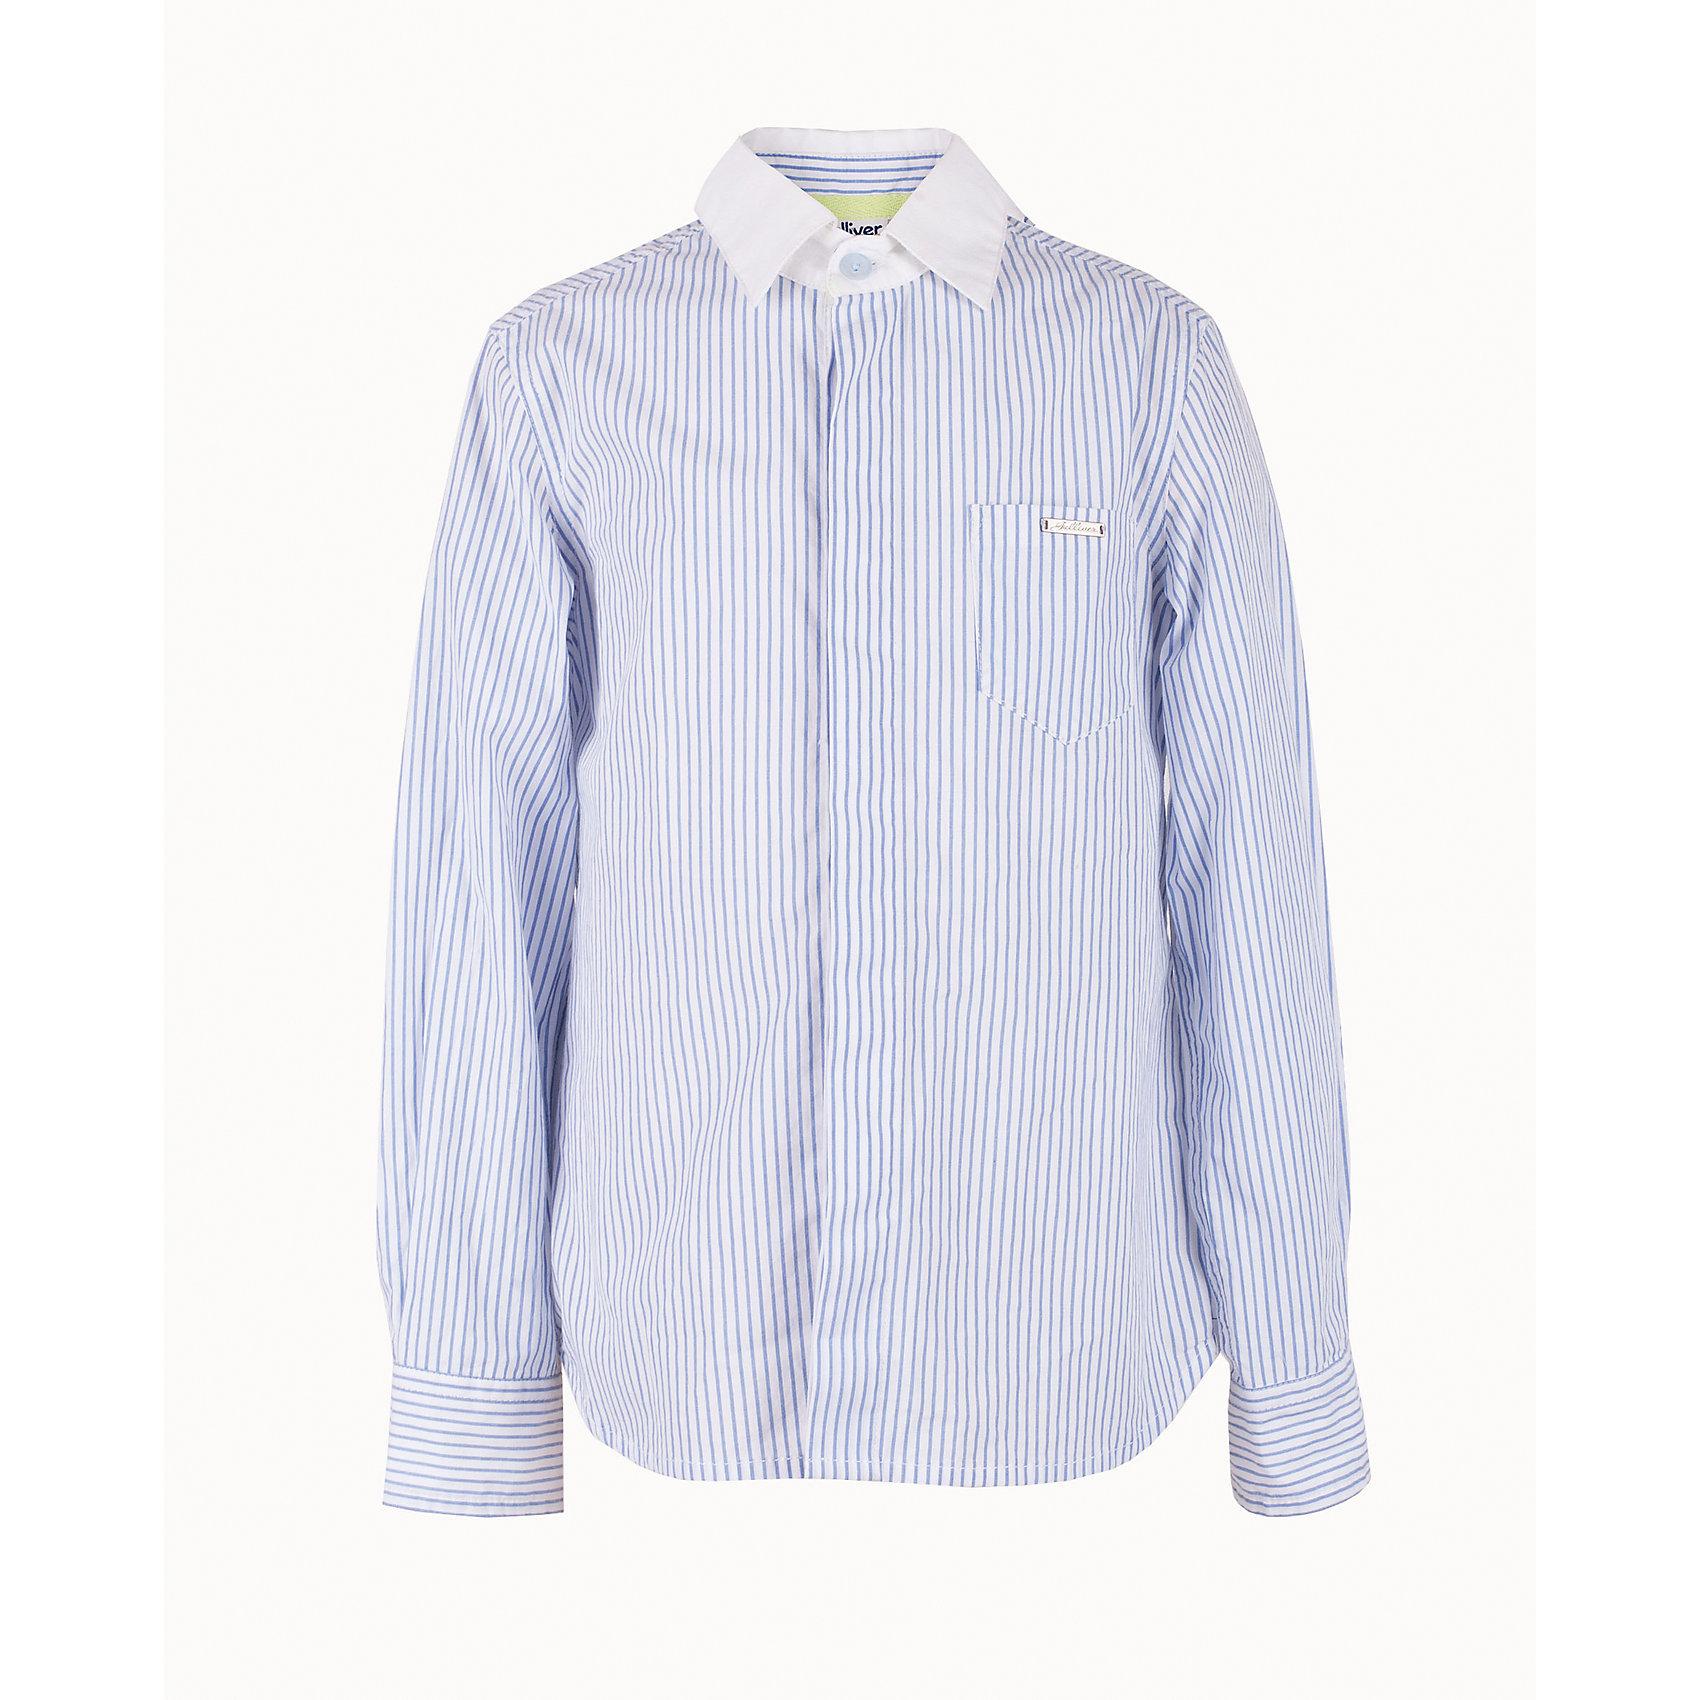 Рубашка для мальчика GulliverБлузки и рубашки<br>Модная рубашка для мальчика в сезоне Весна/Лето 2017 - изделие из разряда must have! Она способна сделать образ ребенка новым и необычным! Мягкий комфортный хлопок в полоску, приталенный силуэт, отделка внутренней планки брендированной тесьмой, контрастные налокотники, оригинальный шрифтовой принт на спинке, отделка воротника и фирменная металлическая накладка делают рубашку эффектным элементом летнего гардероба! Если вы хотите купить стильную детскую рубашку с длинным рукавом из 100% хлопка, эта модель - достойный  выбор!<br>Состав:<br>100% хлопок<br><br>Ширина мм: 174<br>Глубина мм: 10<br>Высота мм: 169<br>Вес г: 157<br>Цвет: голубой<br>Возраст от месяцев: 108<br>Возраст до месяцев: 120<br>Пол: Мужской<br>Возраст: Детский<br>Размер: 140,122,128,134<br>SKU: 5482937